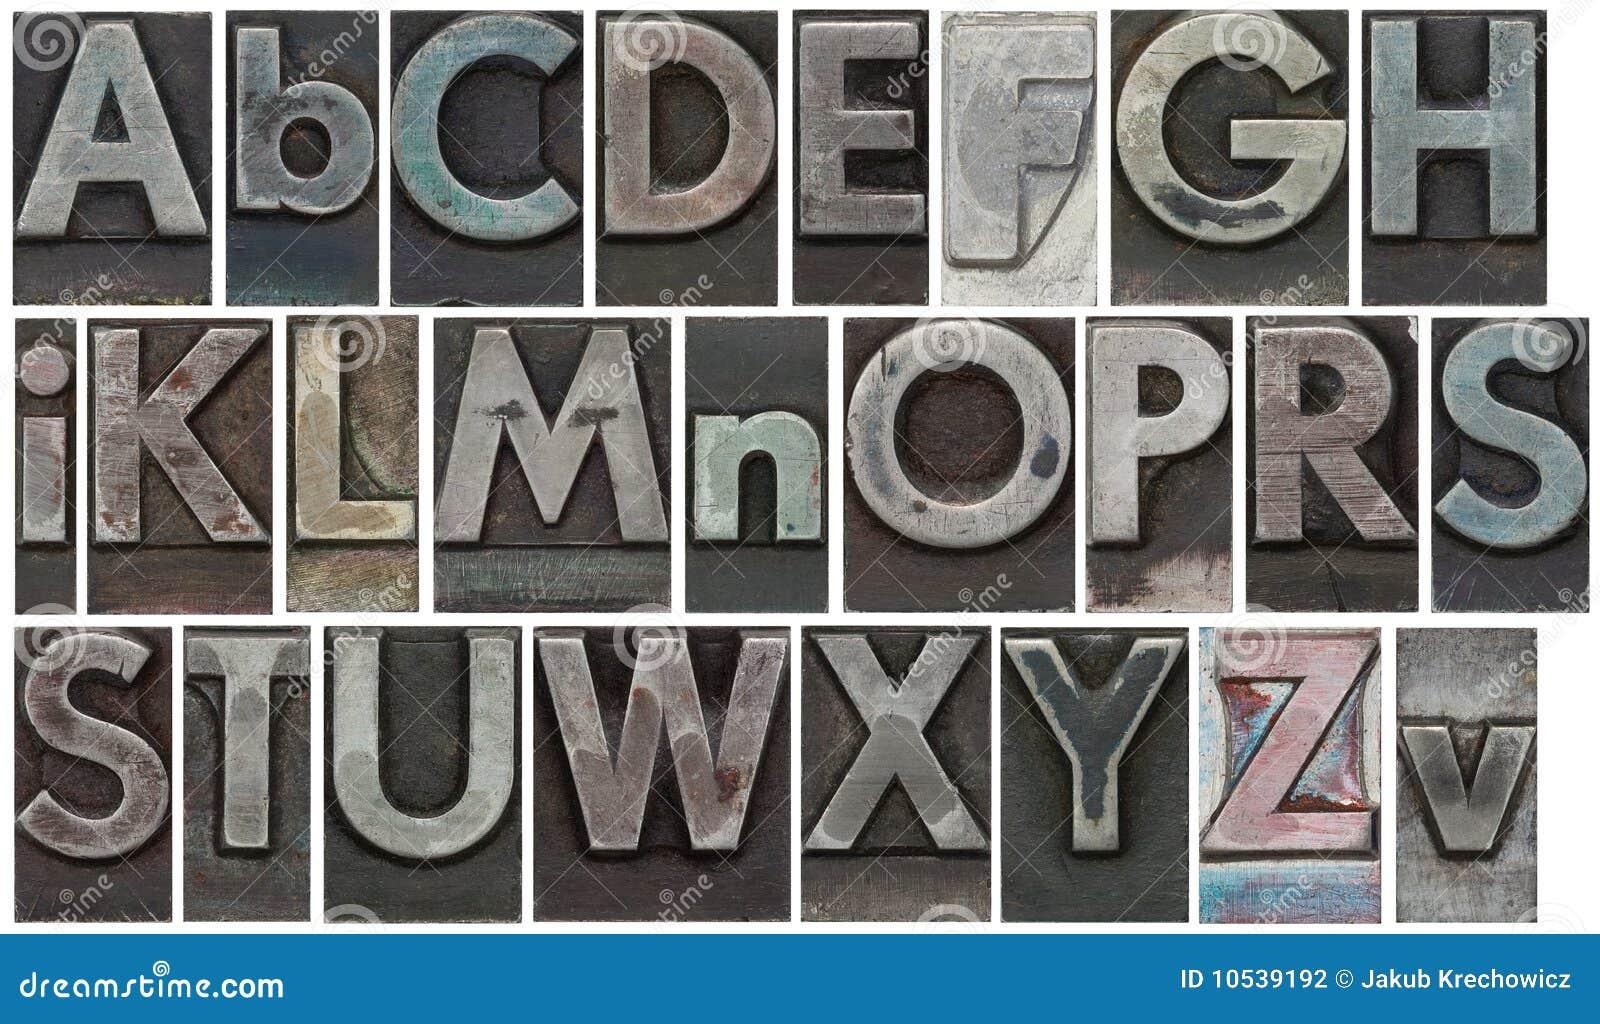 Det isolerade blocket letters white